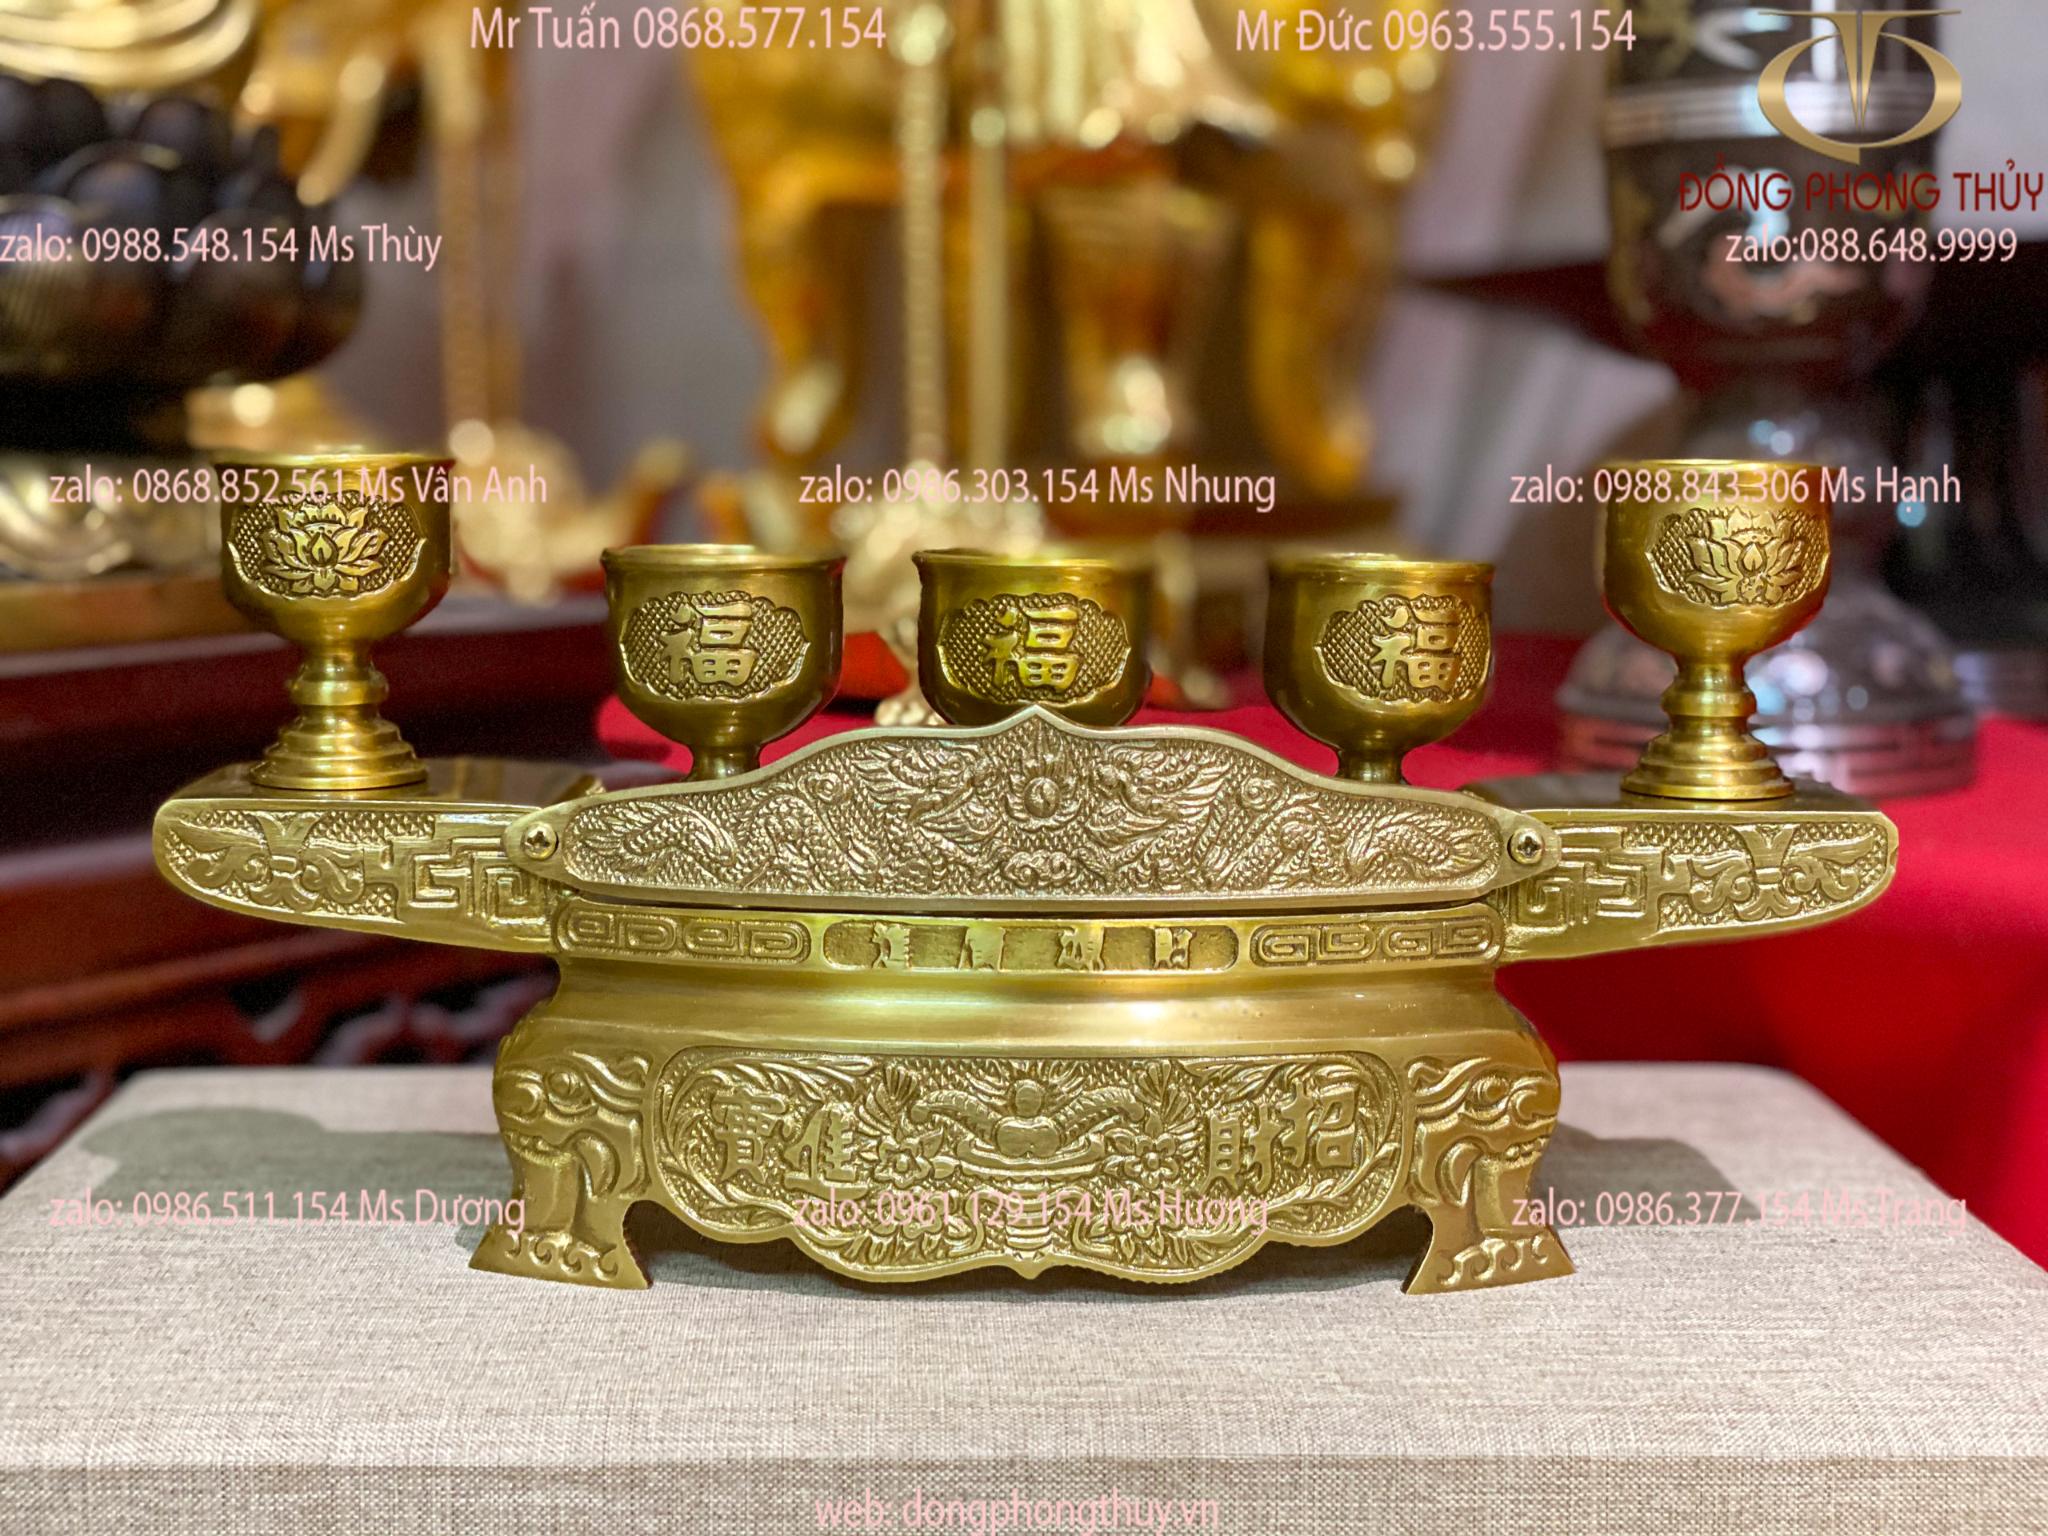 Bộ ngai 5 chén bằng đồng màu vàng ngai 29cm